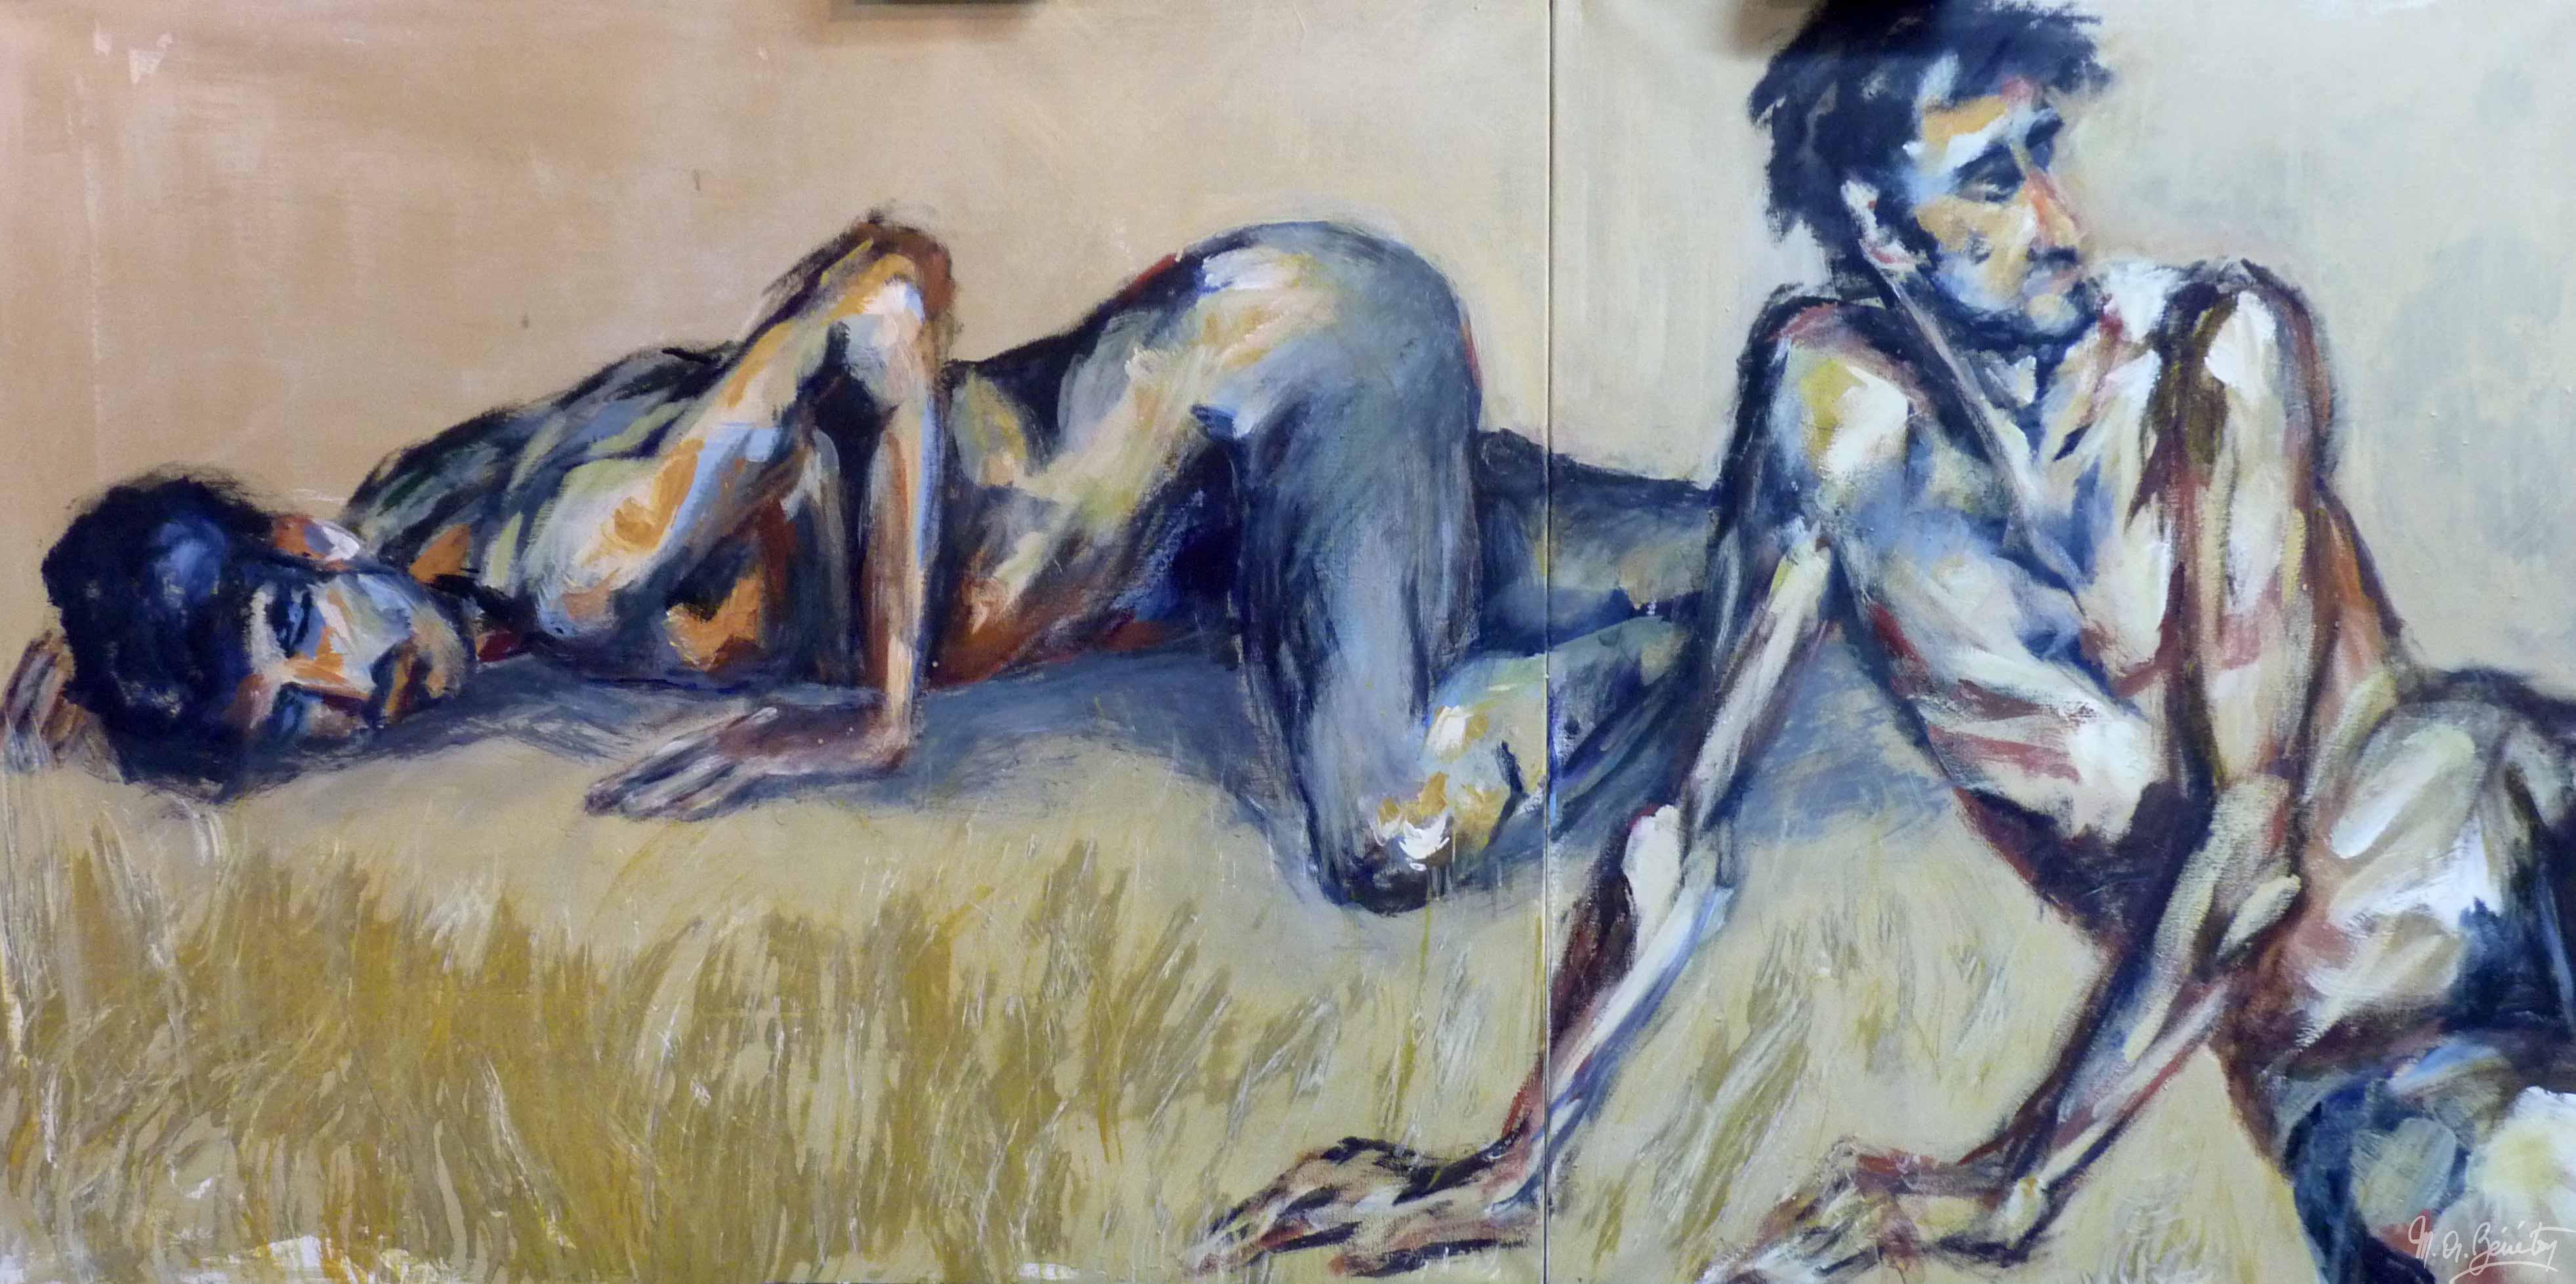 Homme nu - Dyptique #1 - Acrylique sur toile - H100 cm * L200 cm